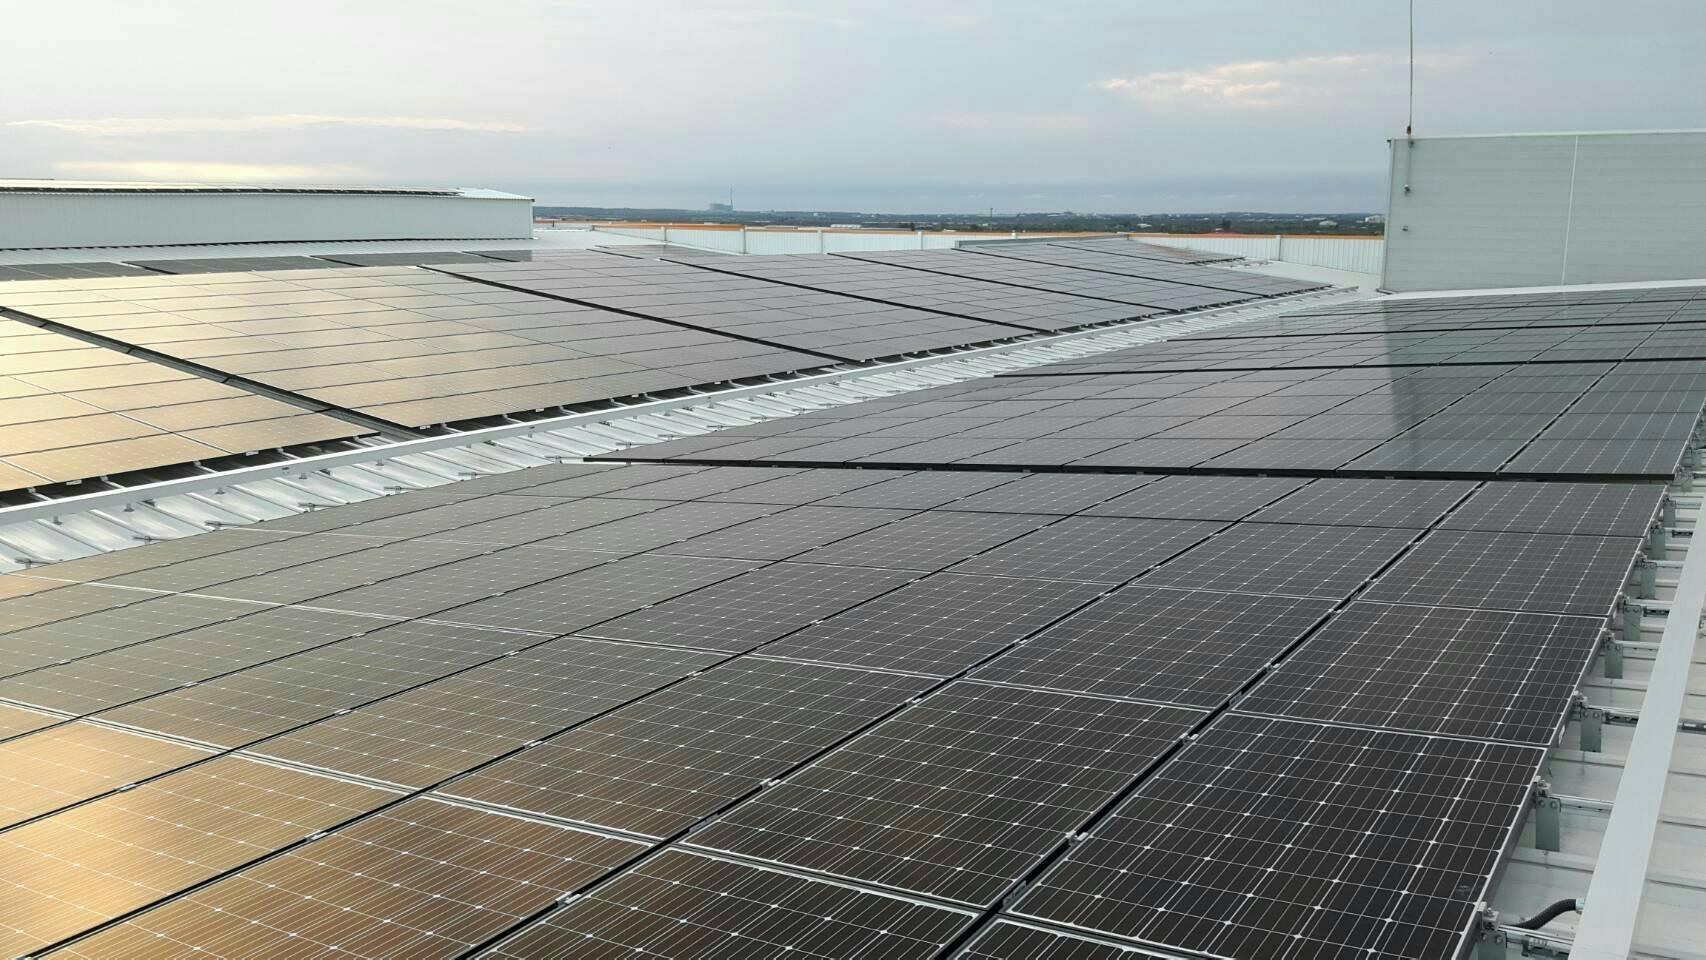 太陽能發電補助, 太陽能光電補助, 太陽光電系統, 太陽能光電, 太陽能發電系統